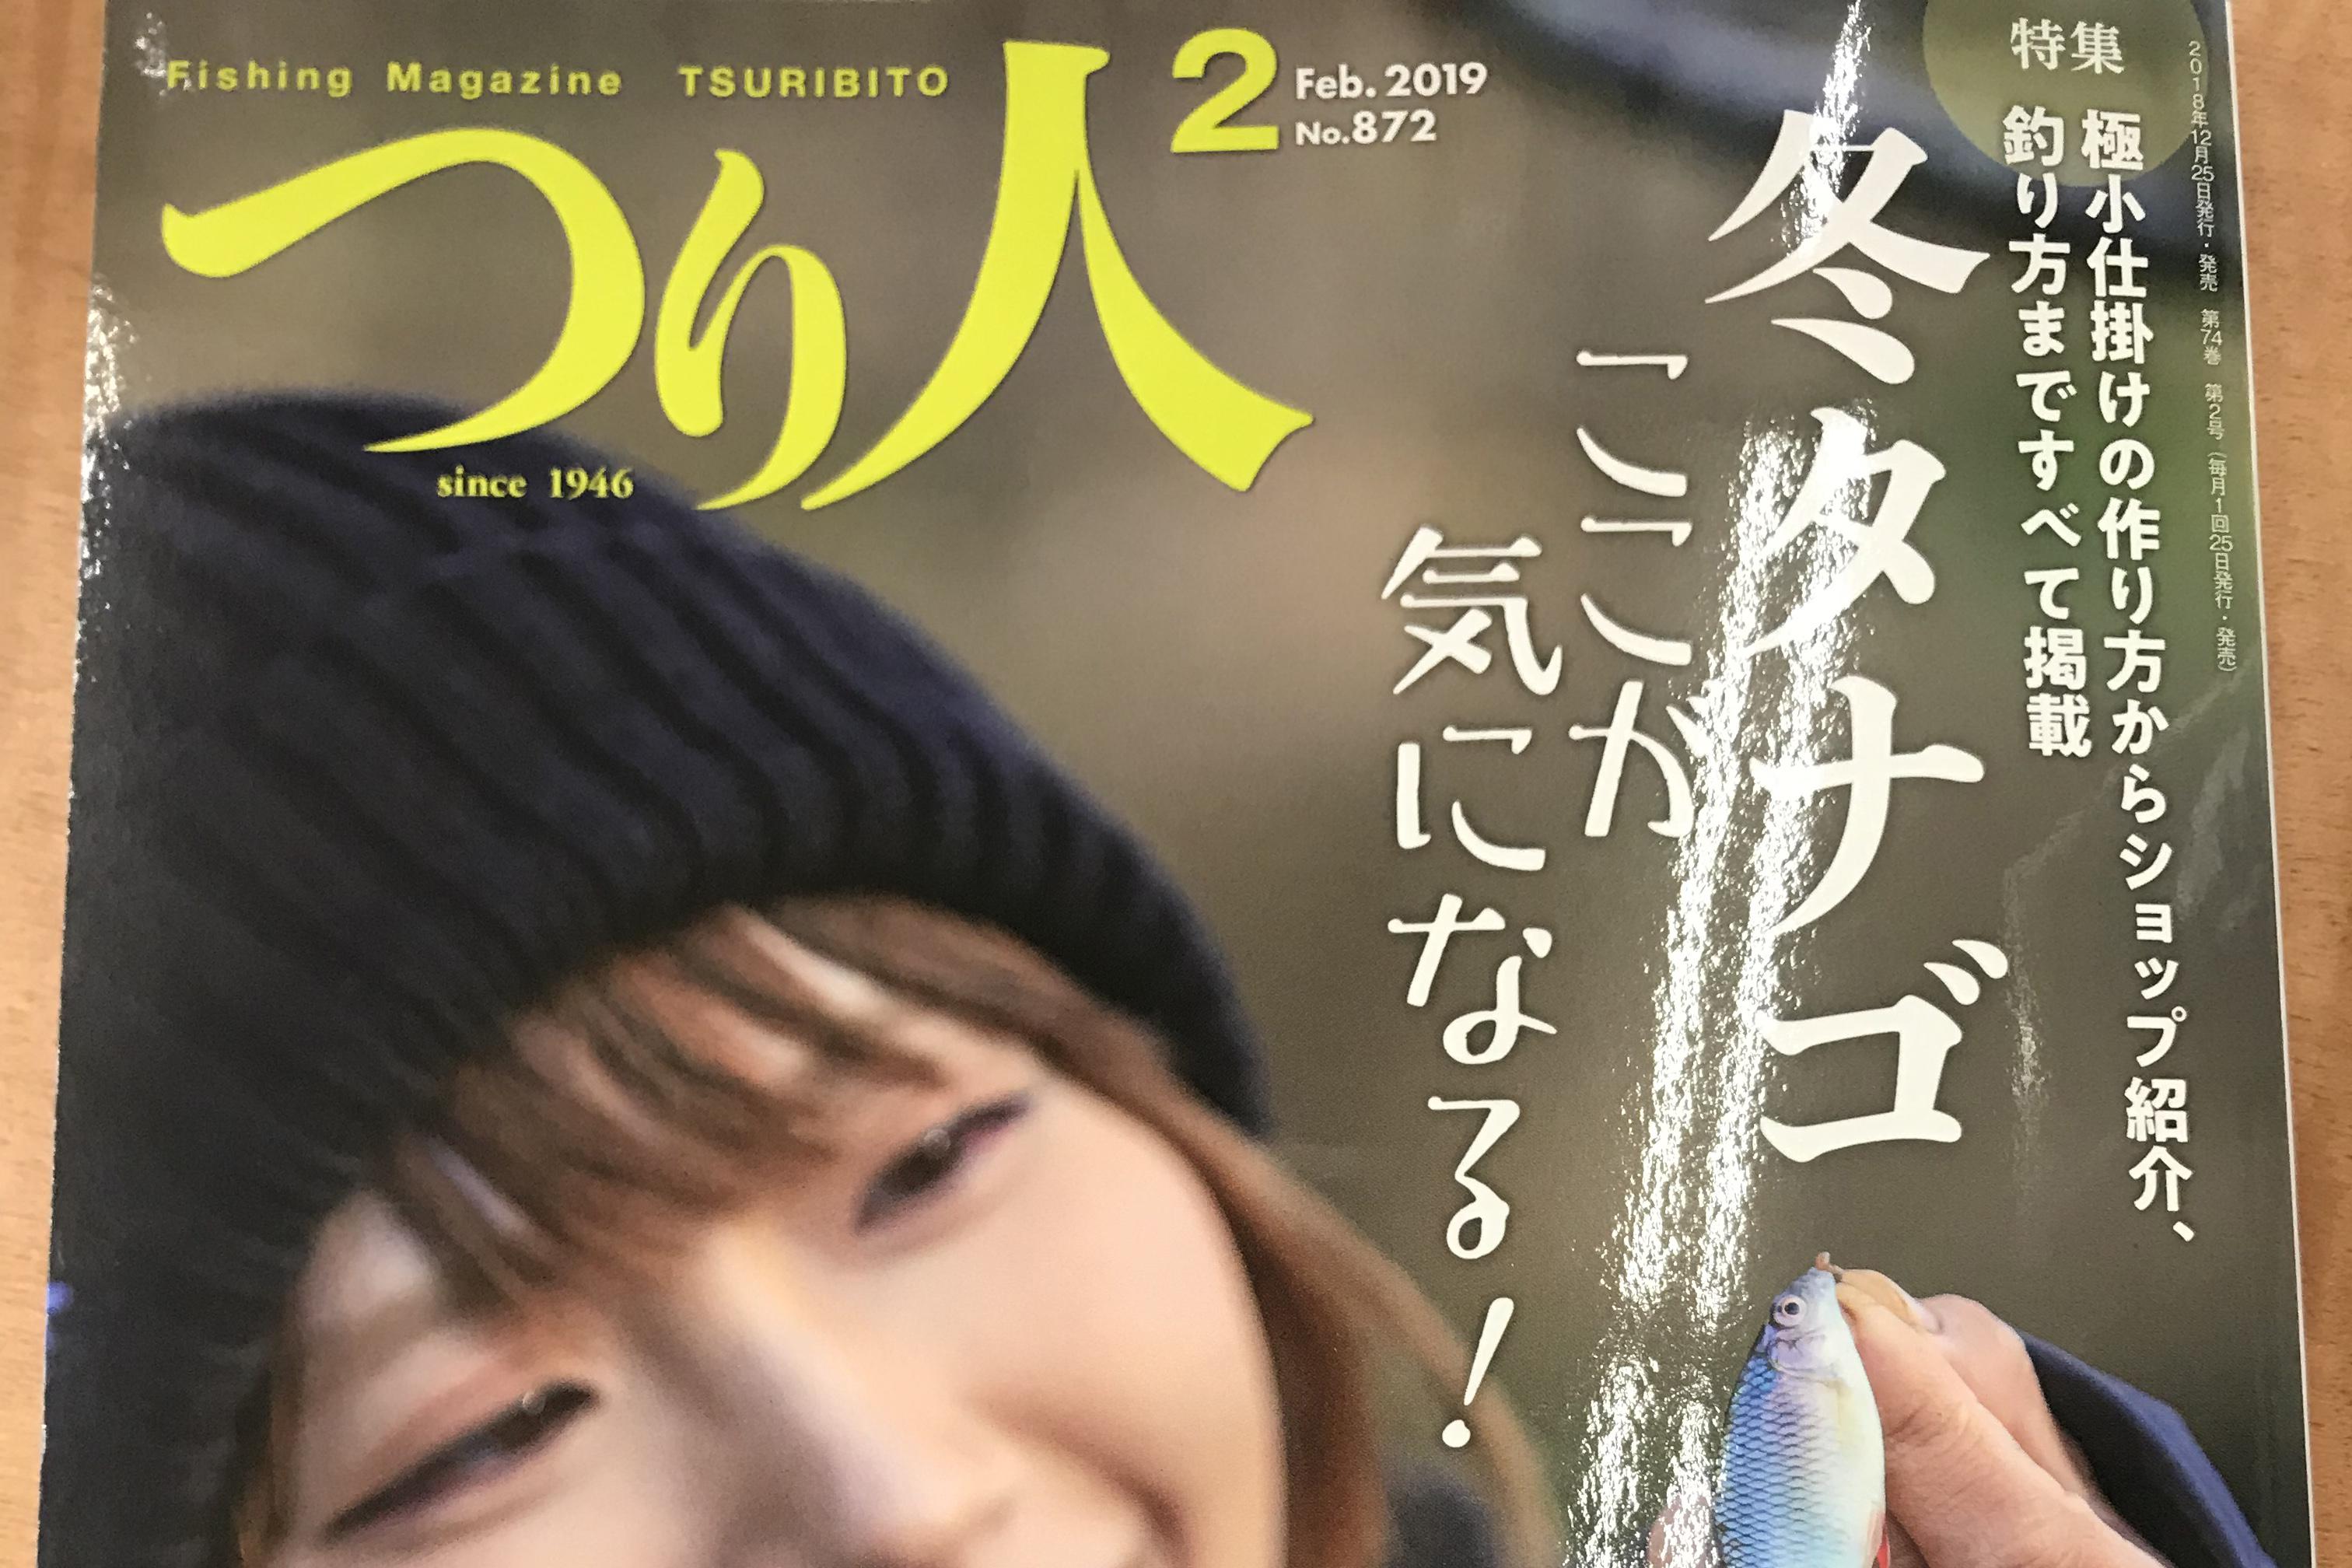 スタッフ齋藤が津久井湖を紹介!つり人社『つり人2月号』